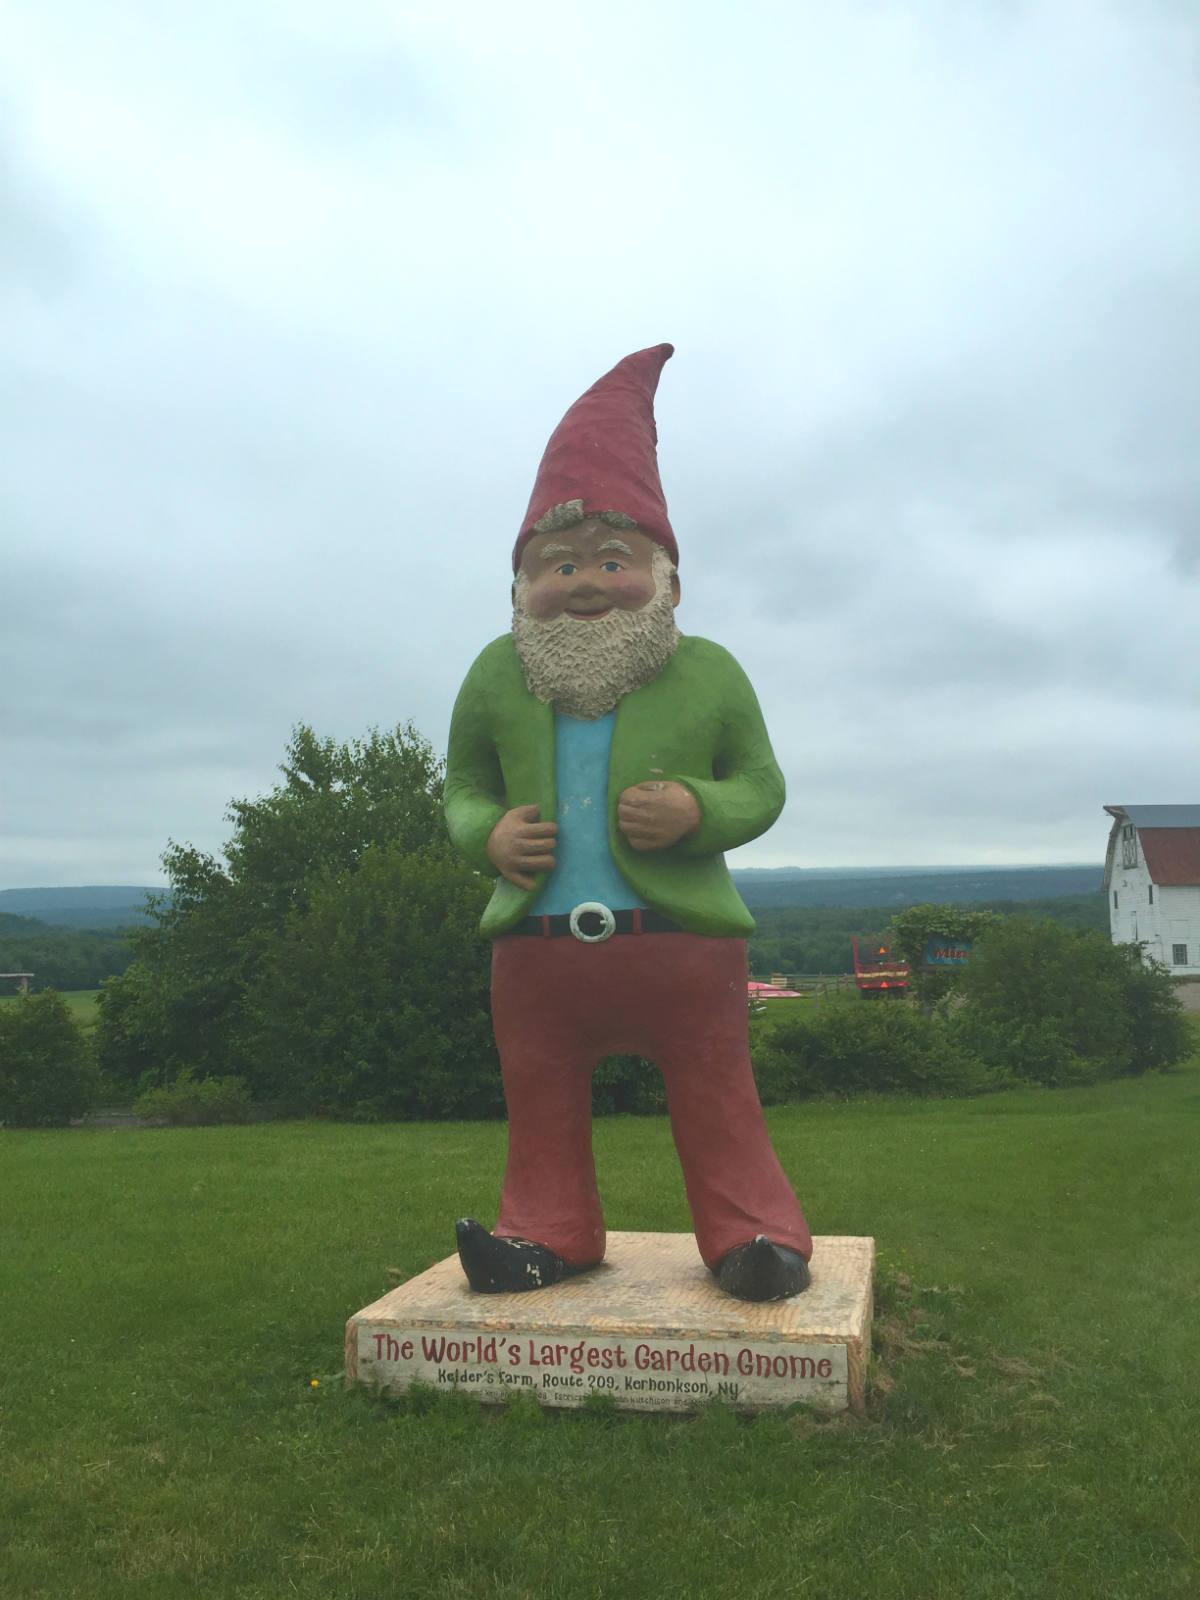 World S Largest Garden Gnome At Kelder Farm In Kerhonkson New York